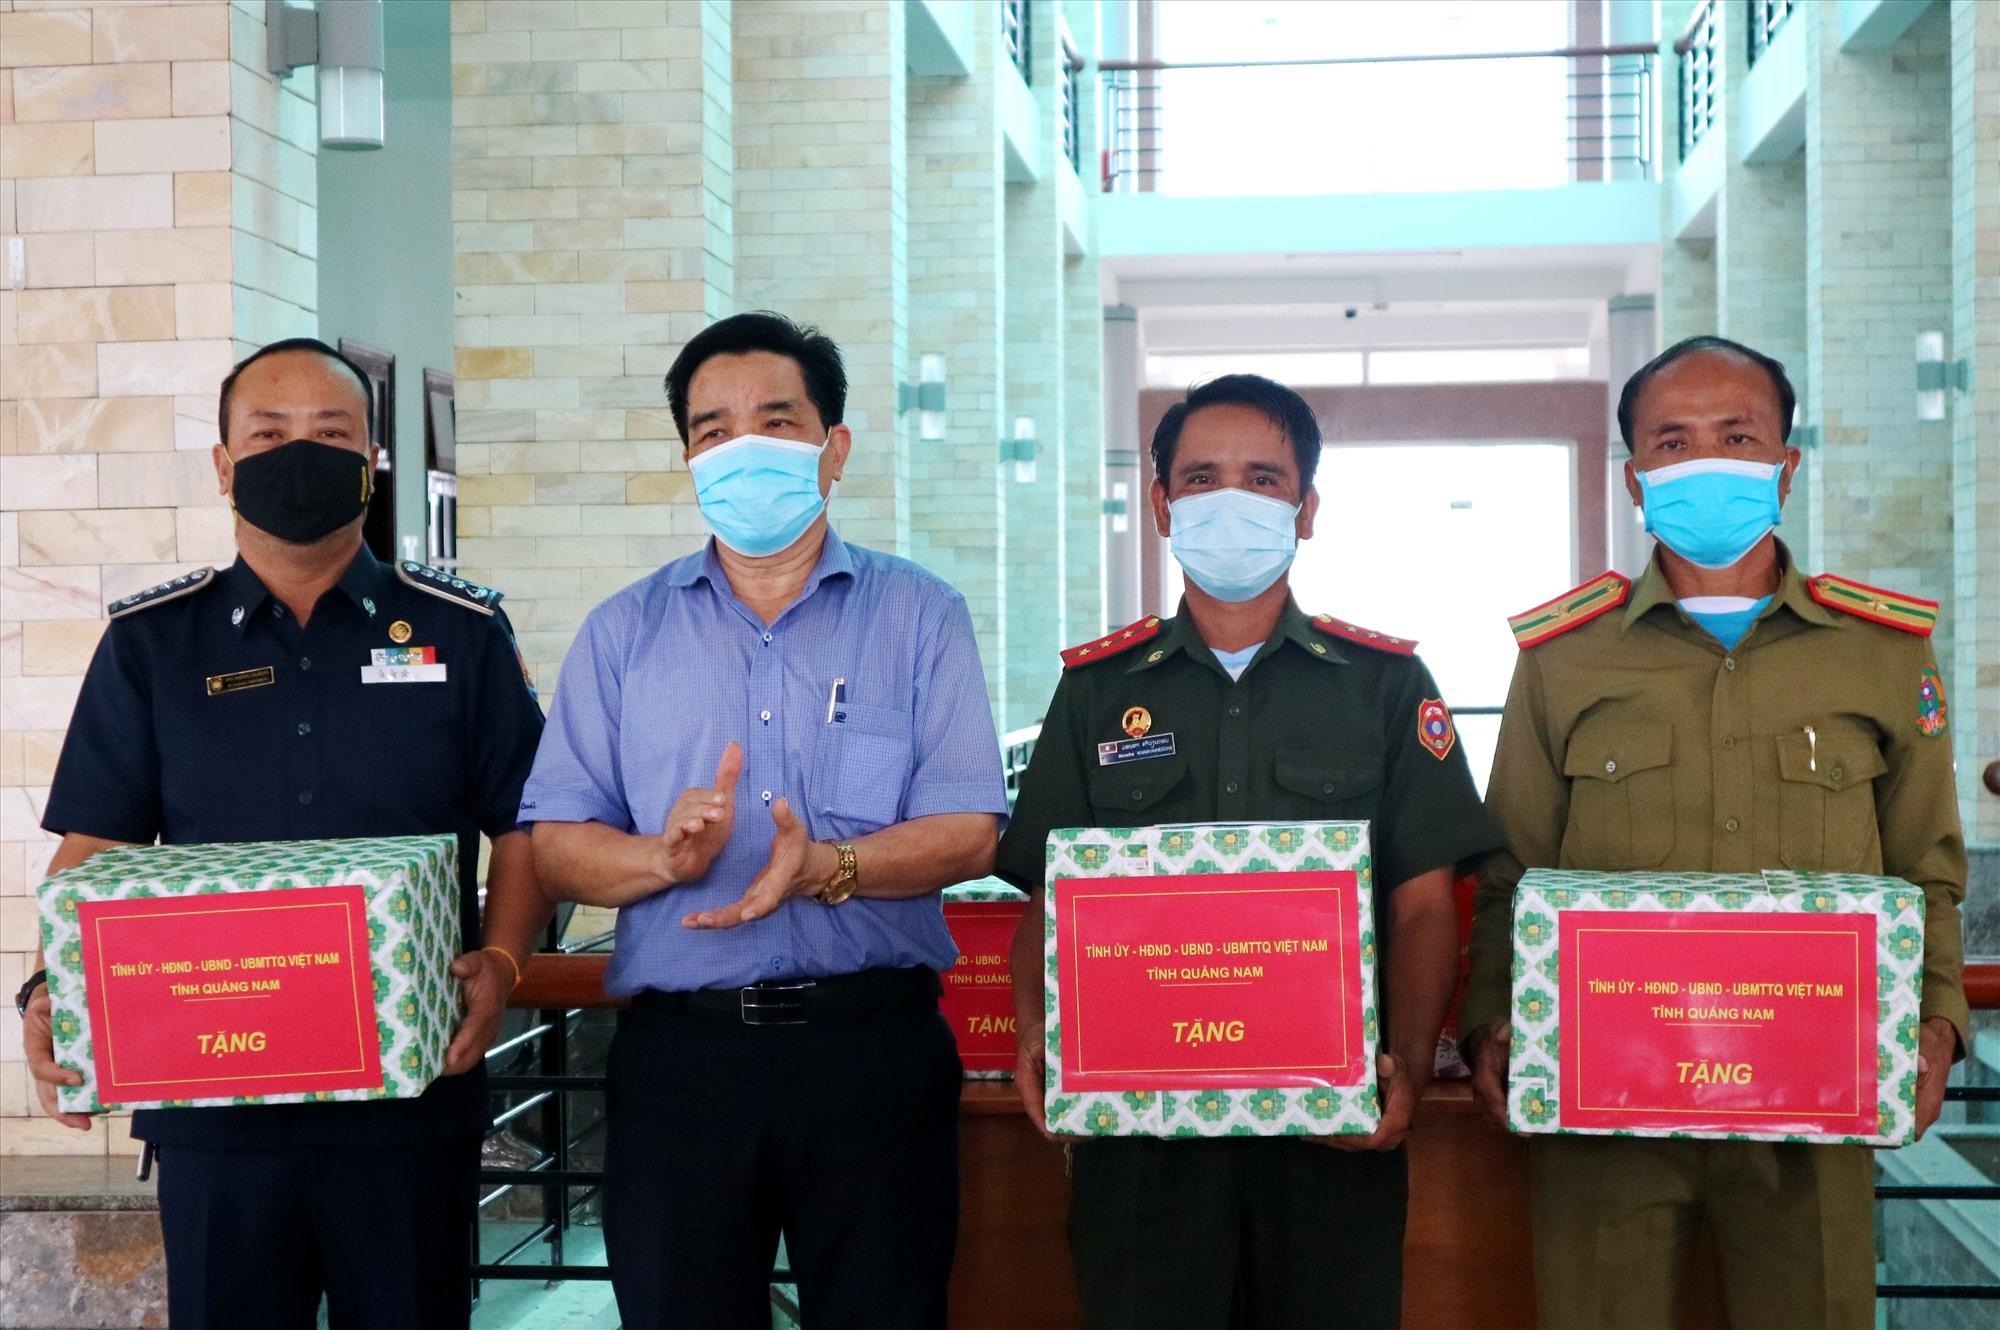 Dịp này, Phó Bí thư Thường trực Tỉnh ủy Lê Văn Dũng cũng đến thăm, động viên lực lượng làm nhiệm vụ bảo vệ biên giới của Lào tại Trạm cửa khẩu Đắc Tà Oọc. Ảnh: A.N